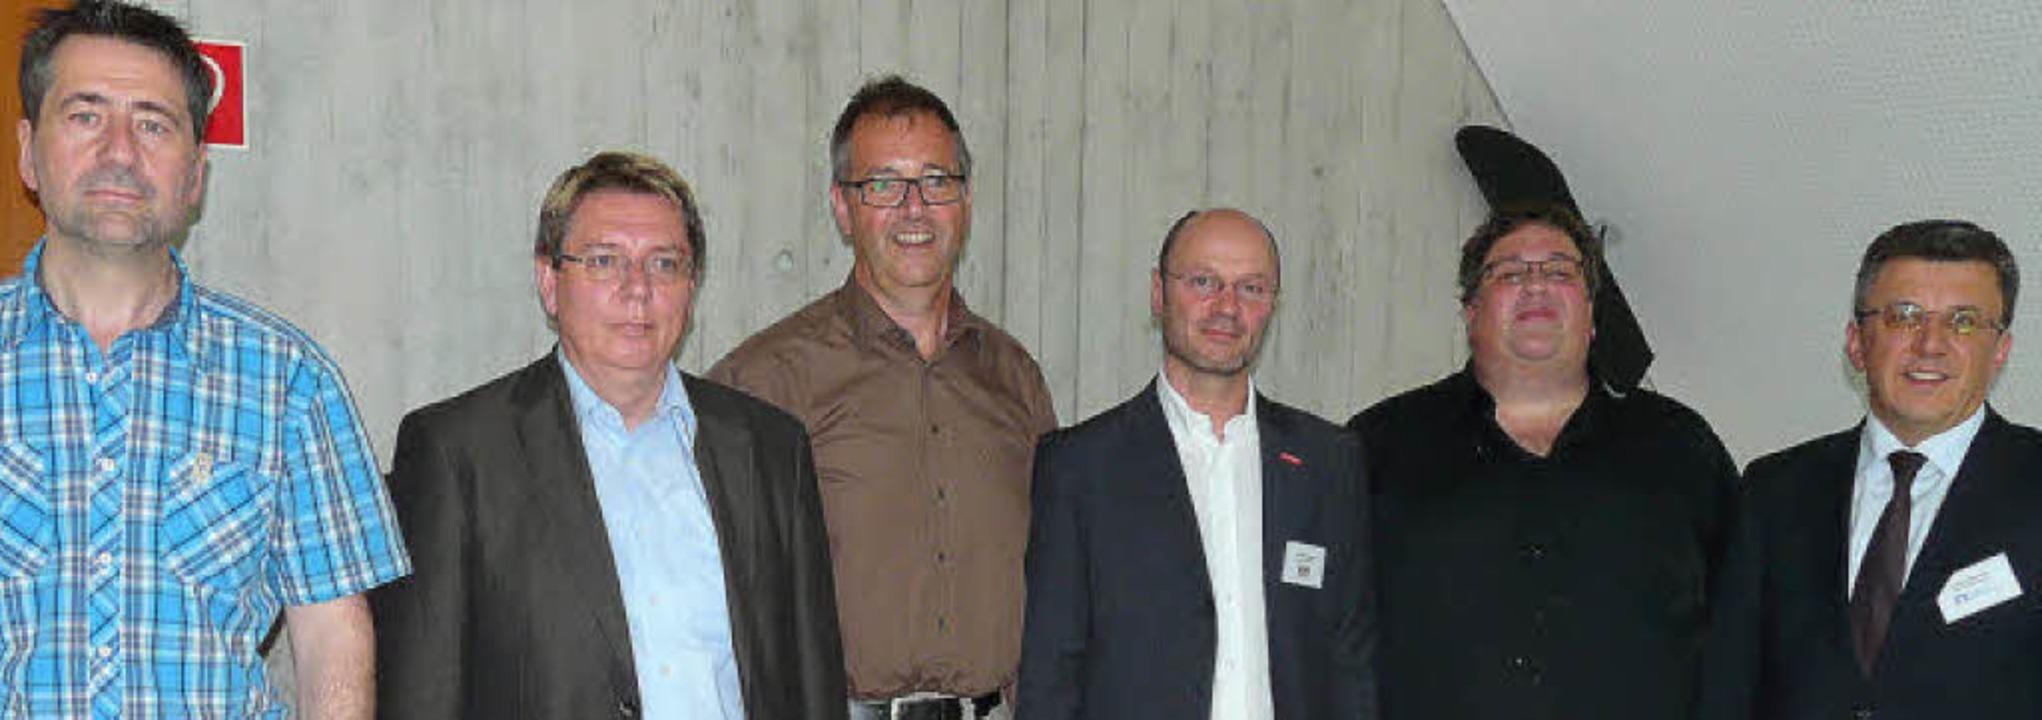 Referenten bei den 6. Bleibacher Gespr...Merkle, Herbert Becherer (von links).   | Foto: Eberhard Weiss